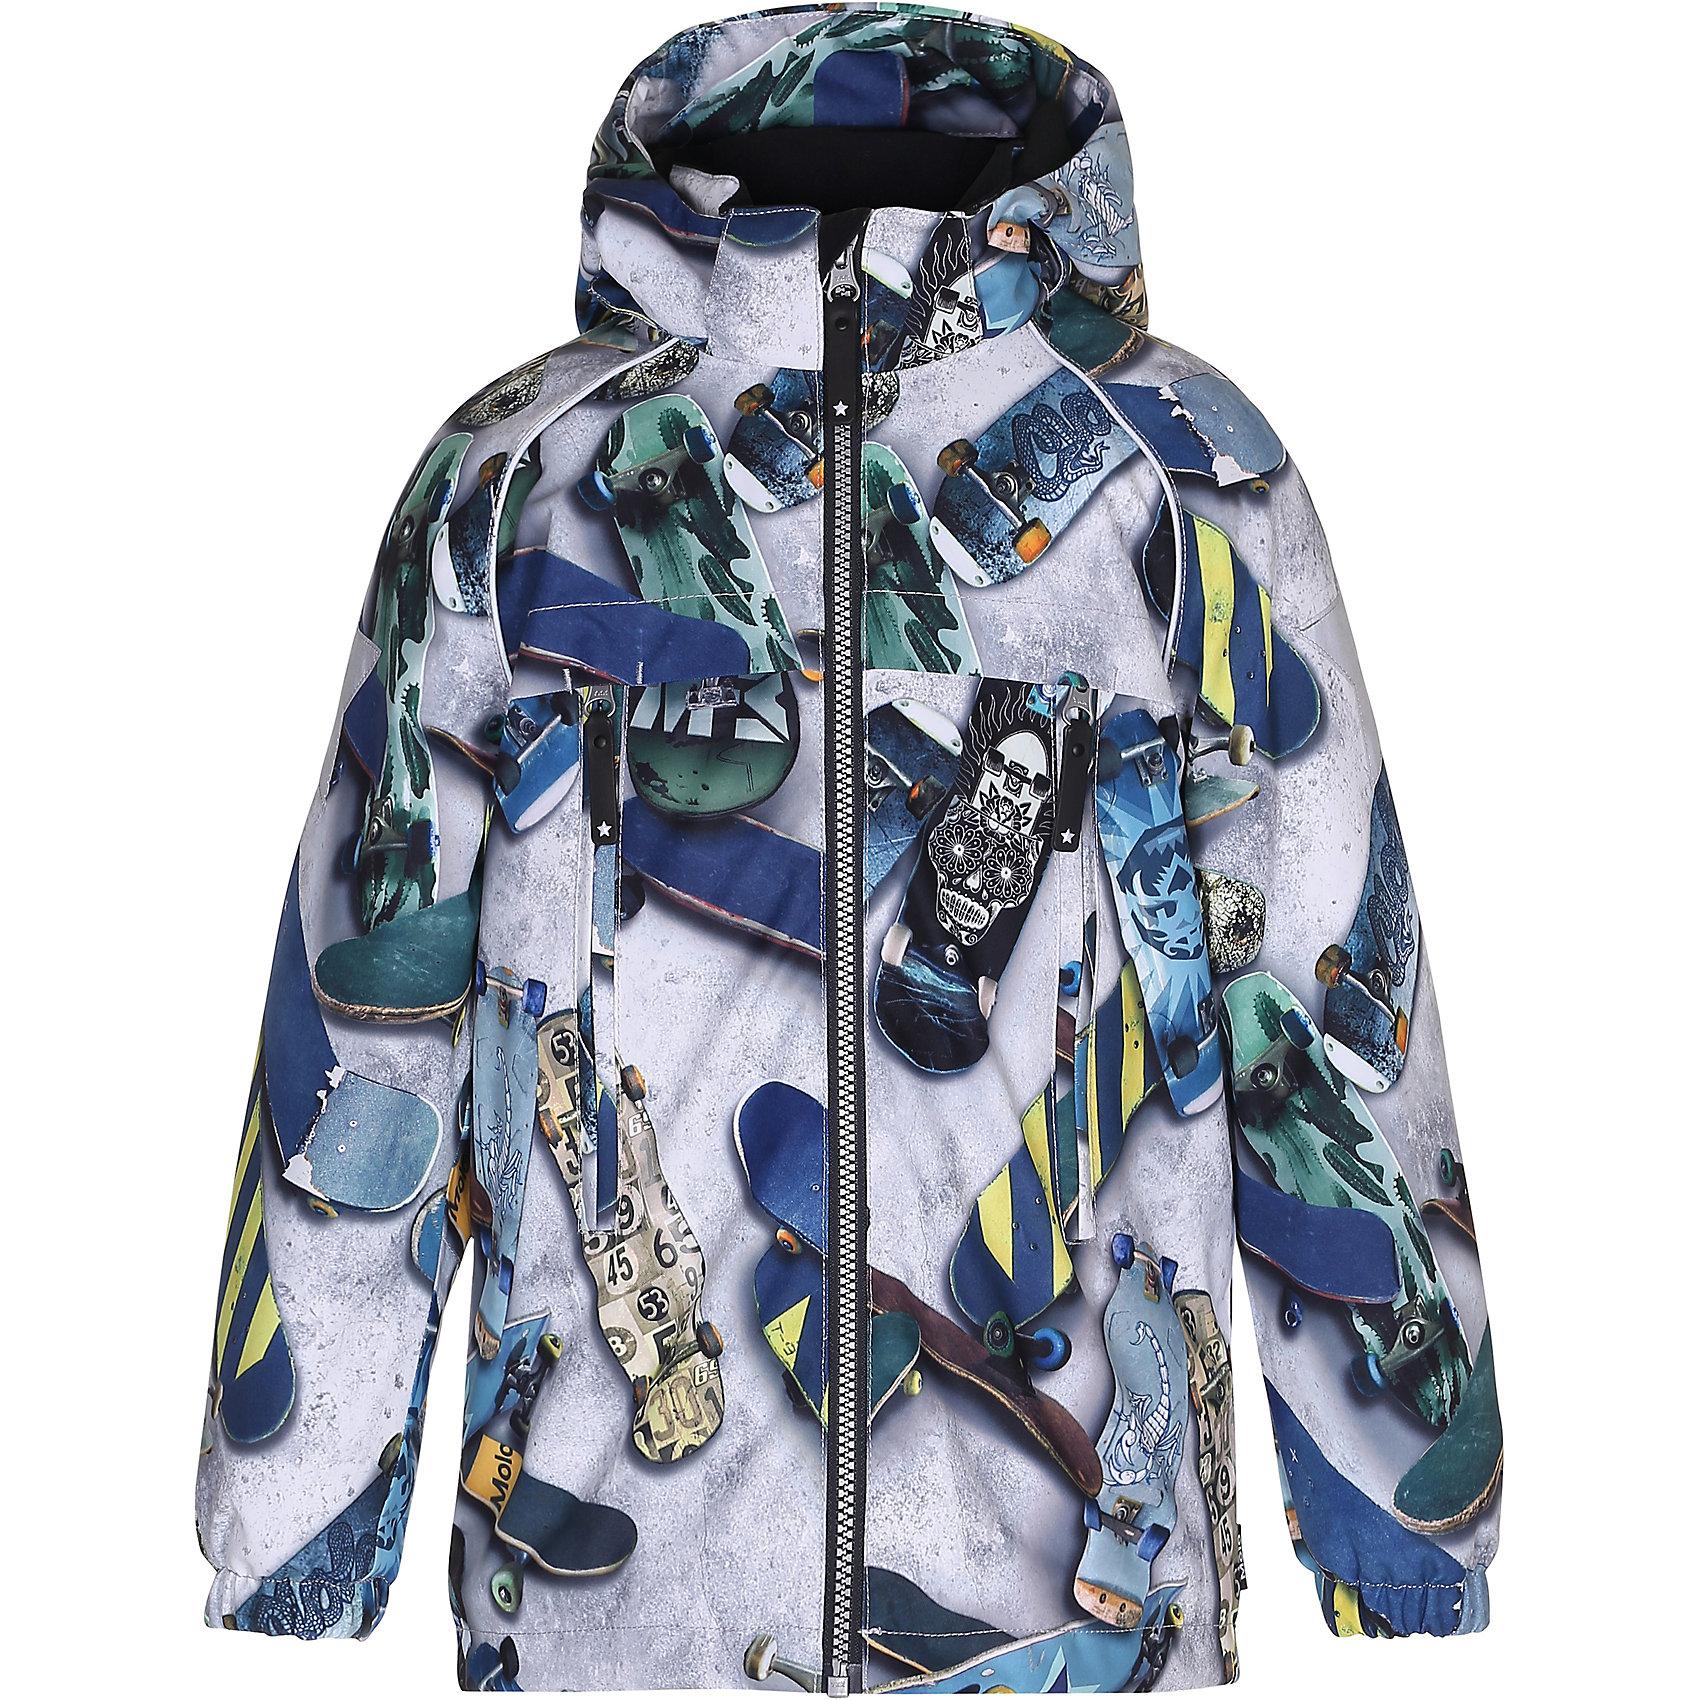 Куртка MOLO для мальчикаВерхняя одежда<br>Зимняя куртка для детей<br>• состав: 100% нейлон, 100% полиэстер<br>• температурный режим: 0° до -25° градусов<br>• утеплитель:  ThinsulateTM  прекрасно сохраняющий тепло,  позволяет телу дышать и остается при этом сухим и легким<br>• водонепроницаемость: 10 000 мм<br>• отвод влаги: 8 000 г/м2/24ч<br>• основные швы проклеены<br>• съёмный капюшон<br>• удобные молнии<br>• «дышащий» материал<br>• ветро- водо- и грязеотталкивающий материал<br>• ветрозащитная планка<br>• комфортная посадка<br>• прочные съёмные силиконовые штрипки<br>• страна производства: Китай<br>• страна бренда: Дания <br> Фантастический и причудливый датский бренд Molo это самый актуальный и стильный дизайн в детской одежде для маленьких модников.<br><br>Ширина мм: 356<br>Глубина мм: 10<br>Высота мм: 245<br>Вес г: 519<br>Цвет: белый<br>Возраст от месяцев: 60<br>Возраст до месяцев: 72<br>Пол: Мужской<br>Возраст: Детский<br>Размер: 116,134,152,146,140,128,122,110,104<br>SKU: 6994973